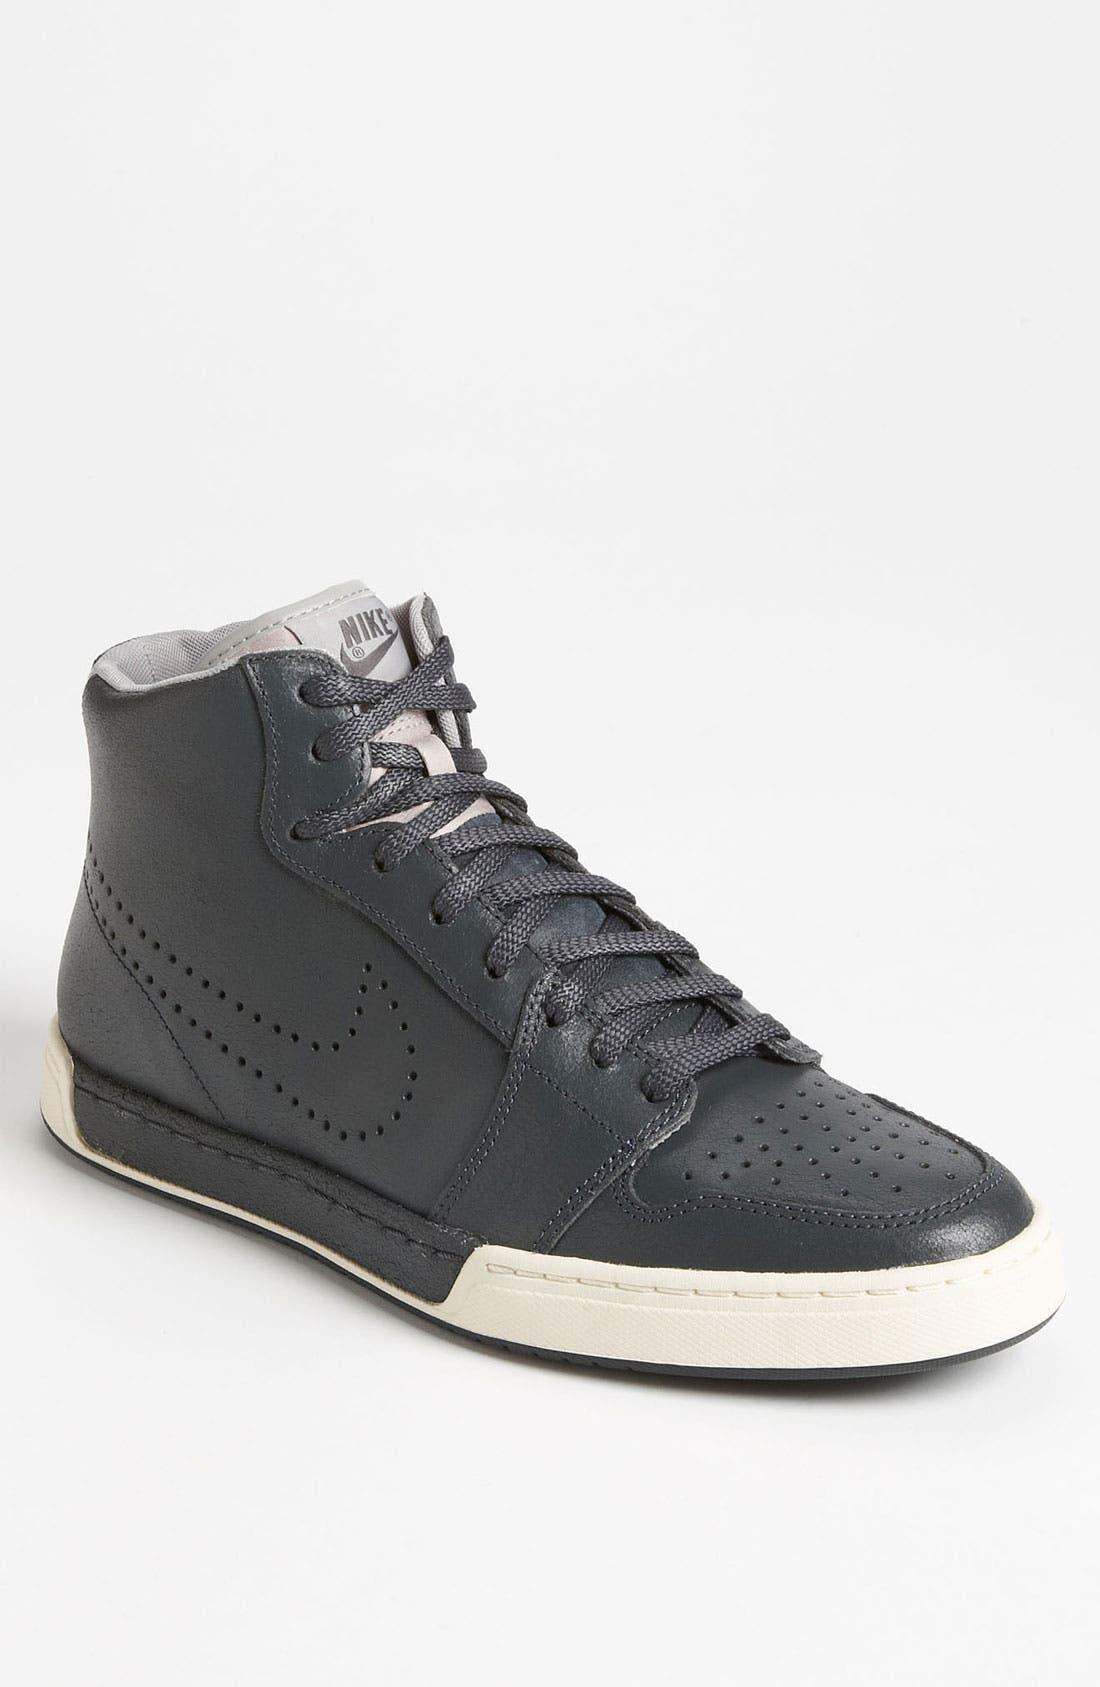 Alternate Image 1 Selected - Nike 'Air Royal Mid' Sneaker (Men)